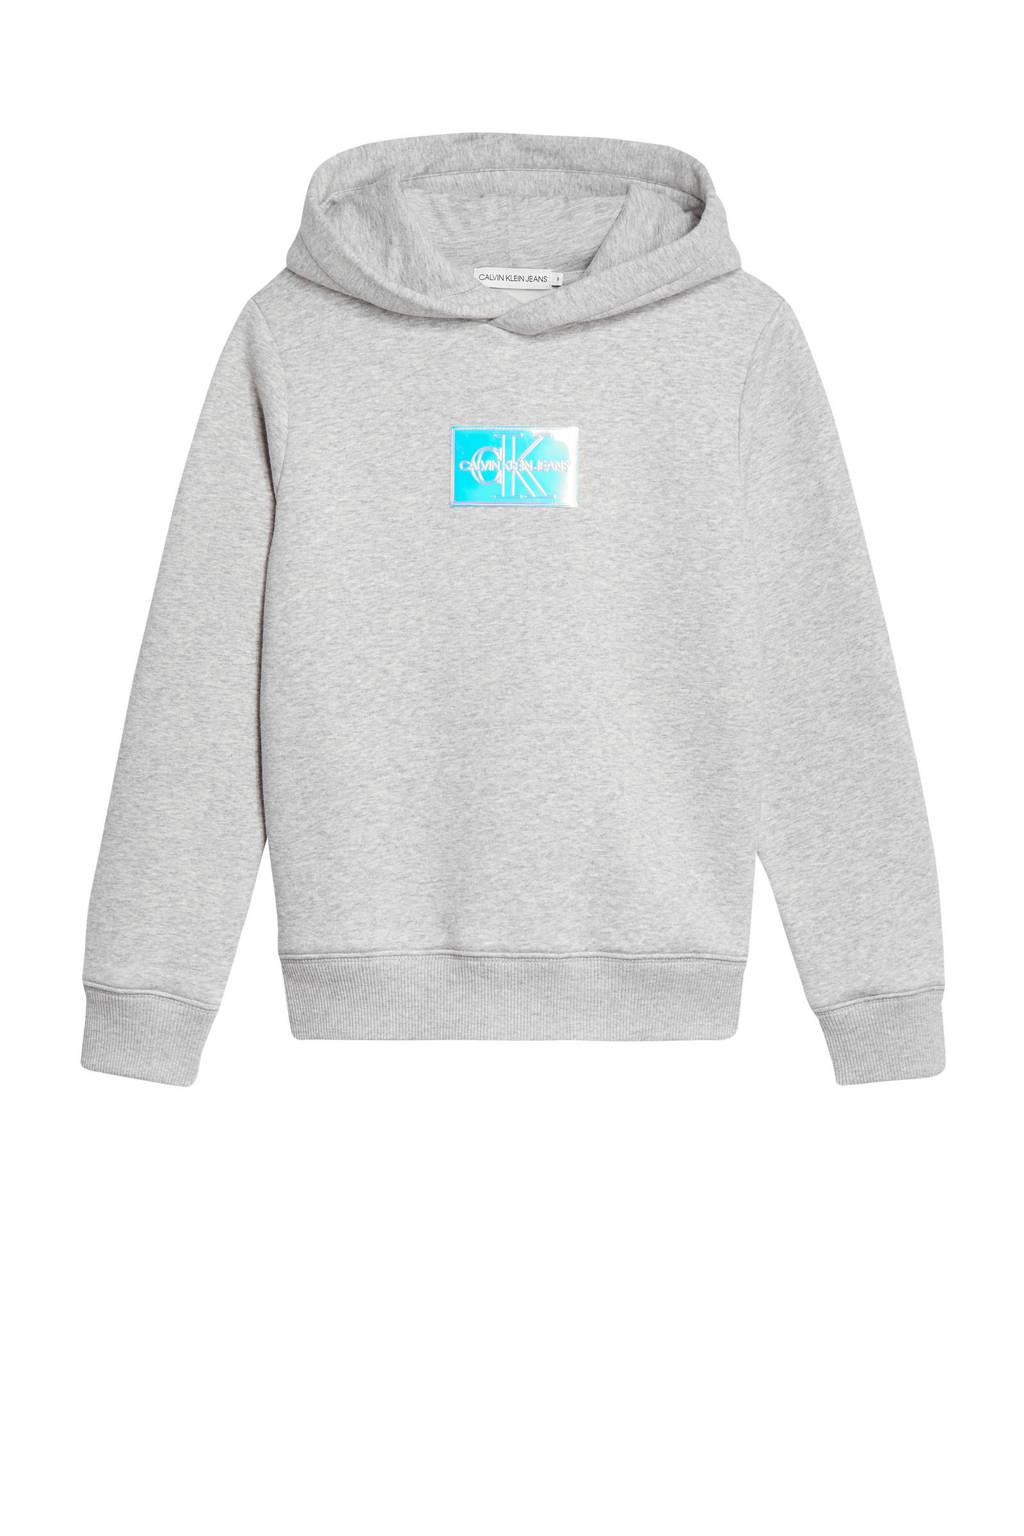 CALVIN KLEIN JEANS hoodie met logo lichtgrijs, Lichtgrijs